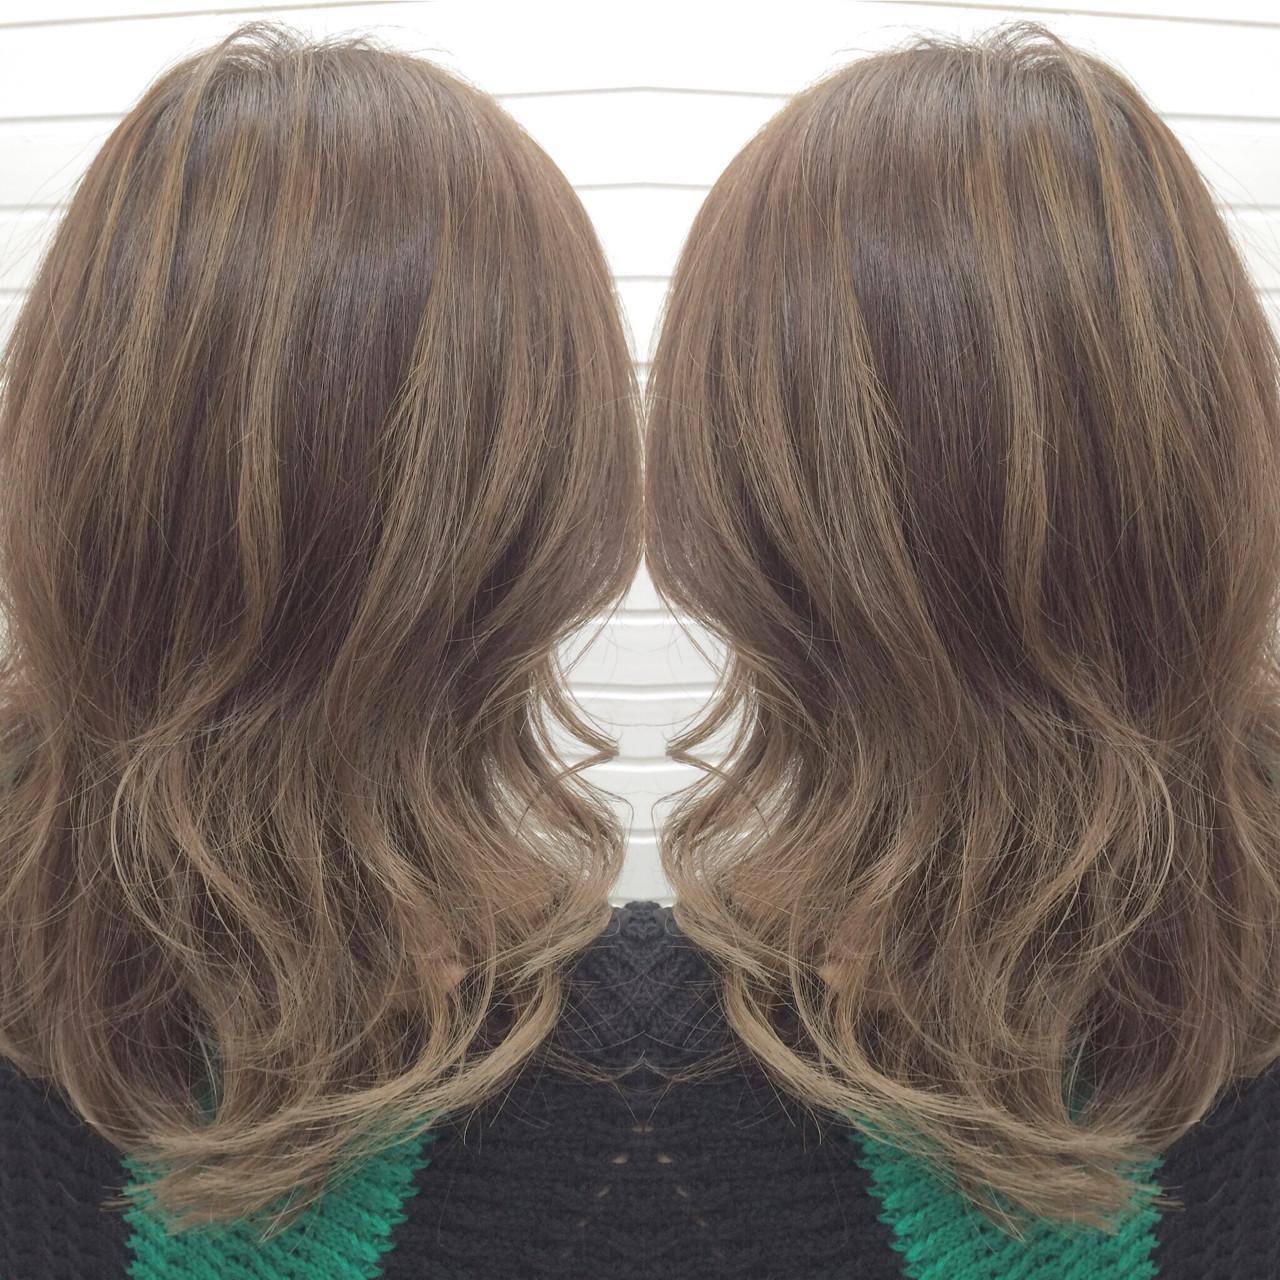 ハイライト ガーリー 外国人風 グレージュ ヘアスタイルや髪型の写真・画像 | universe / hairspaceuniverse